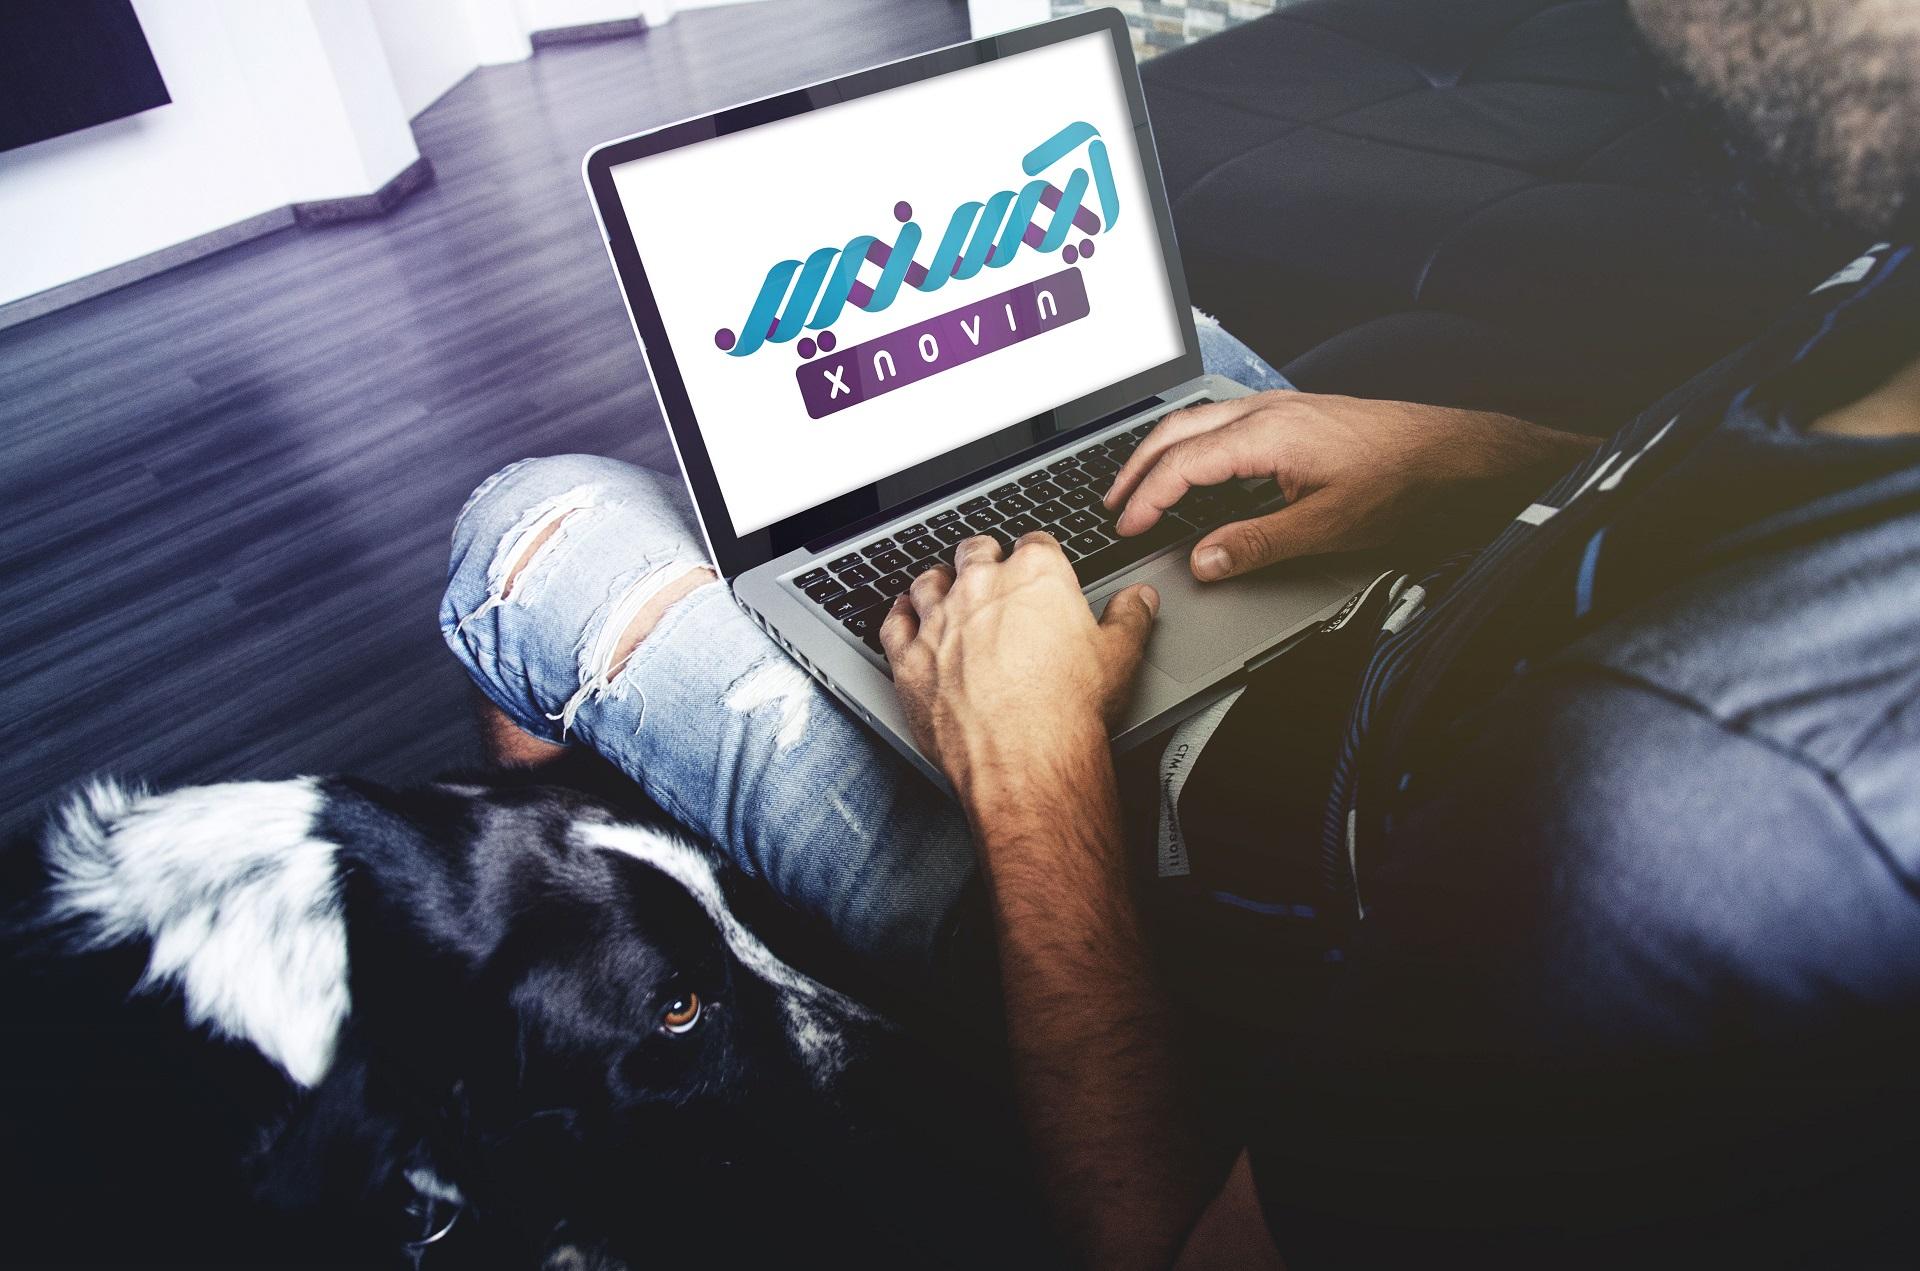 گروه طراحی و توسعه ایکس نوین   طراحی سایت - تبلیغات اینترنتی - خدمات سئو - تولید محتوا - طراحی گرافیکی